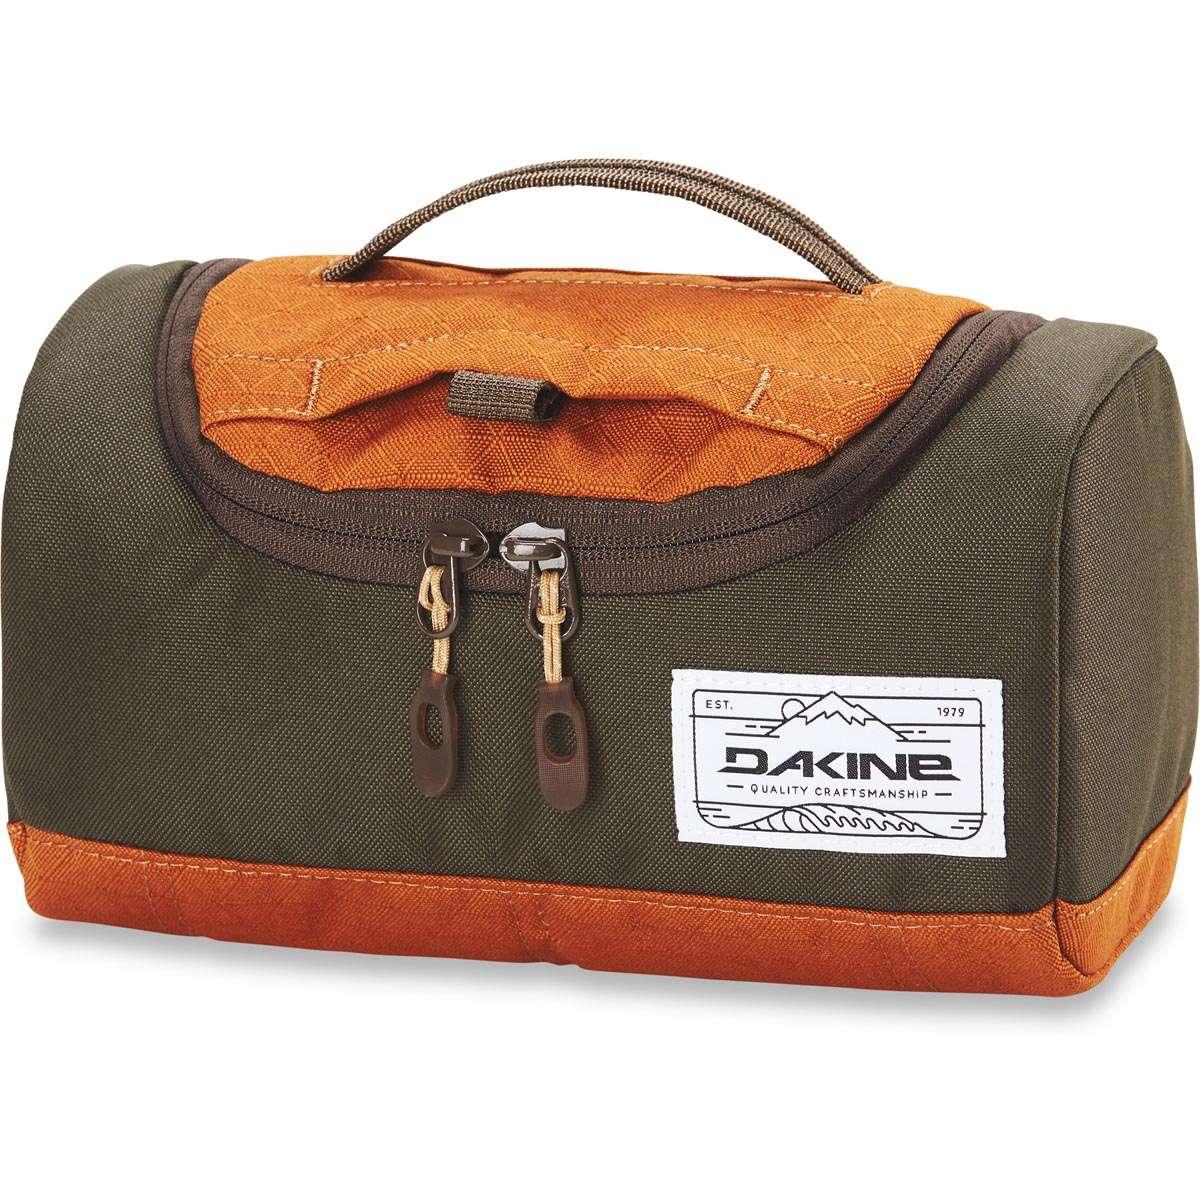 5eaf18353 Dakine Revival Kit Md Trousse de Toilette / Beauty Case Timber | Trousses  de Toilette | Accessoires | DAKINE Shop.de: Dakine-Rucksack,  Dakine-Taschen, ...